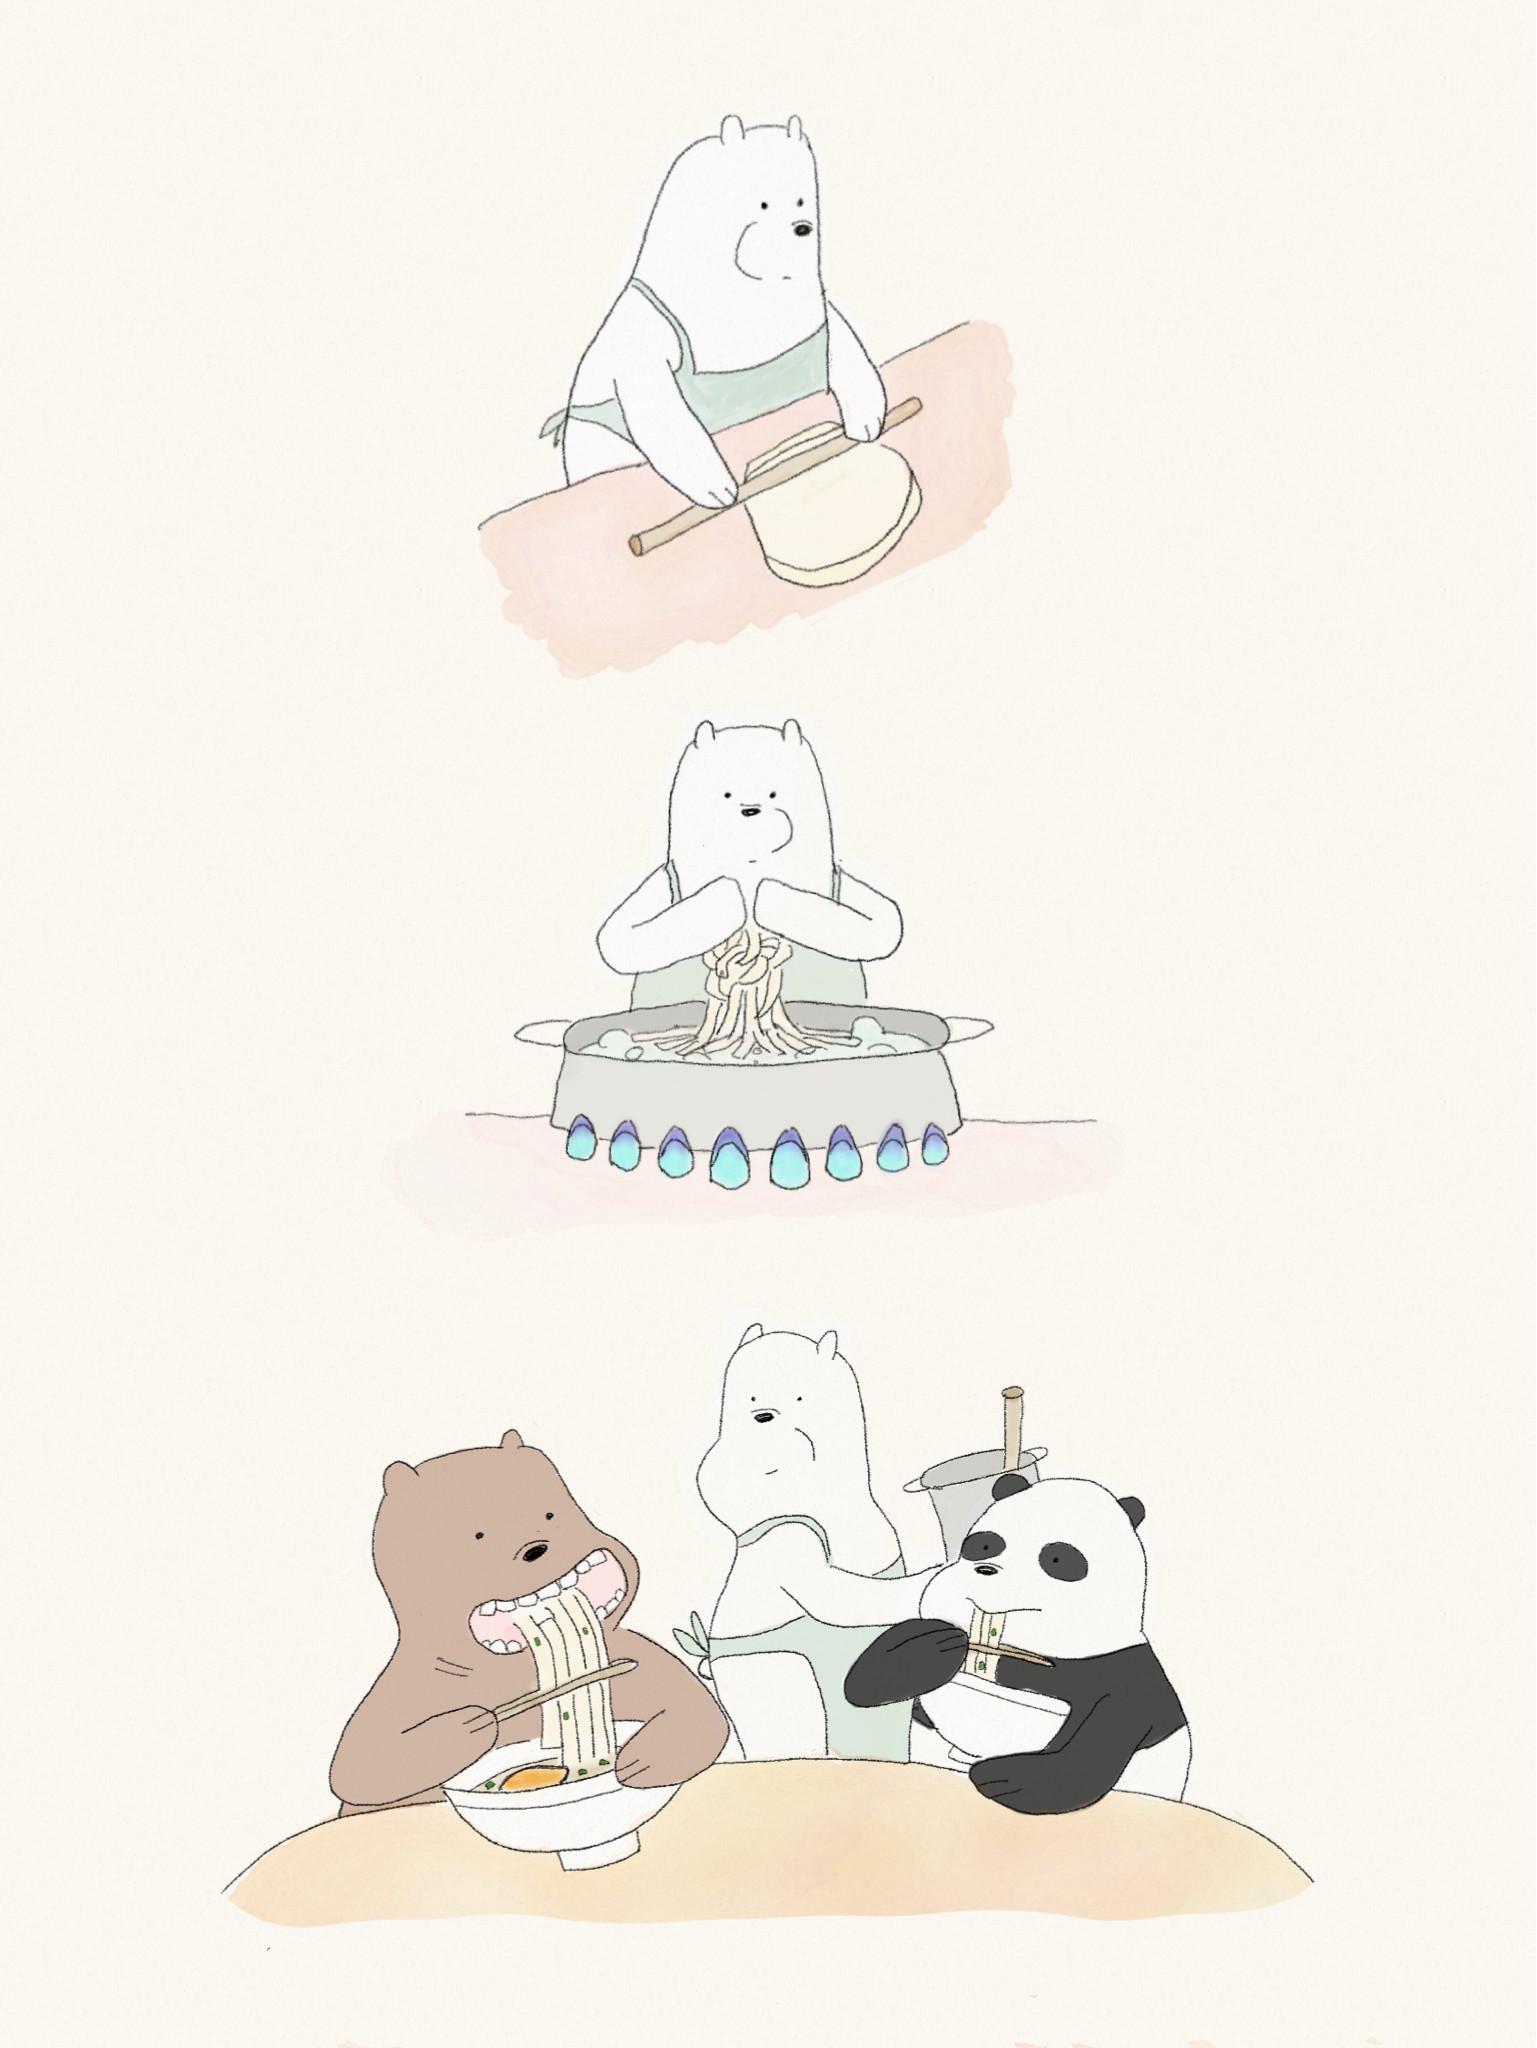 アイスベア、うどん打つ. We Bare BearsFandomsCartoons